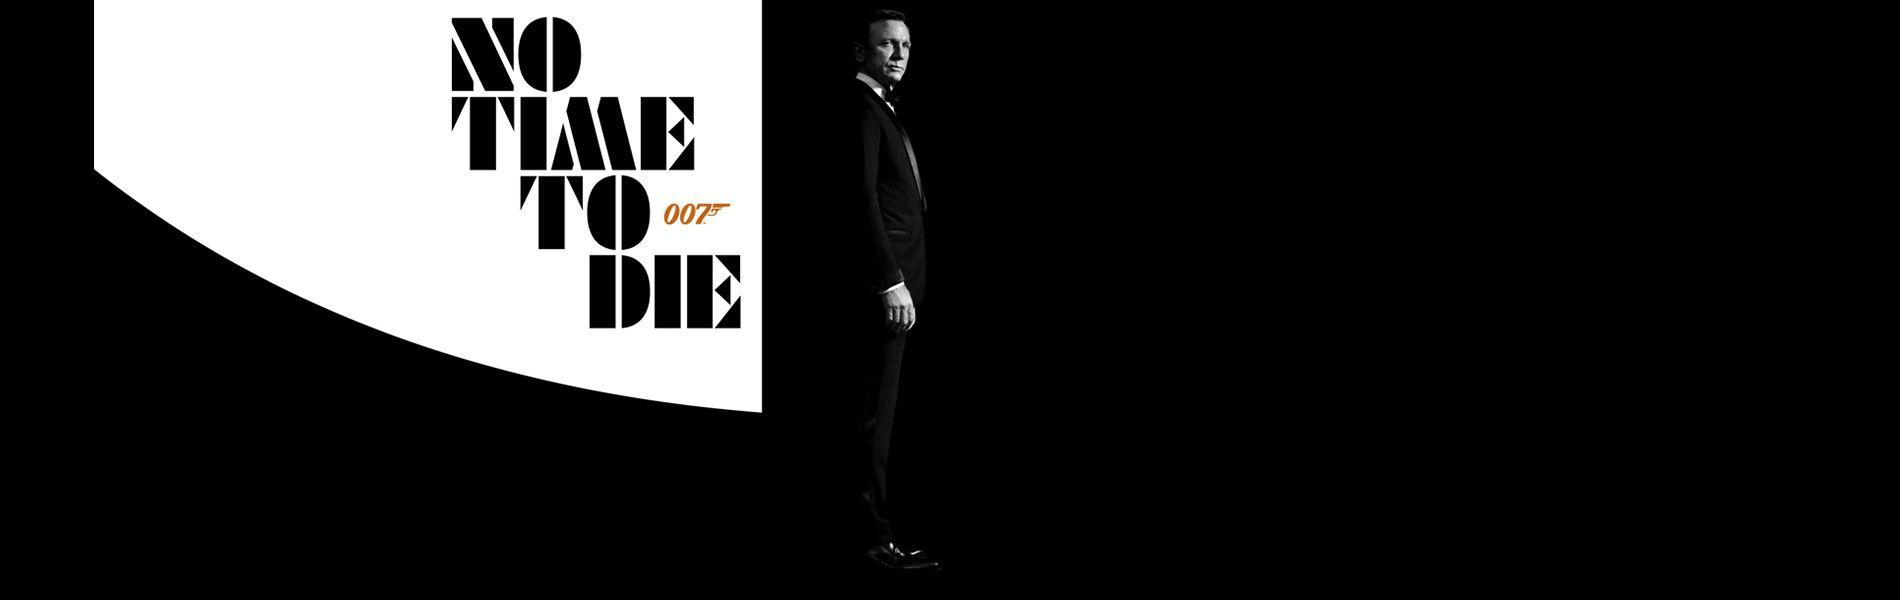 James Bond-ის მანქანები